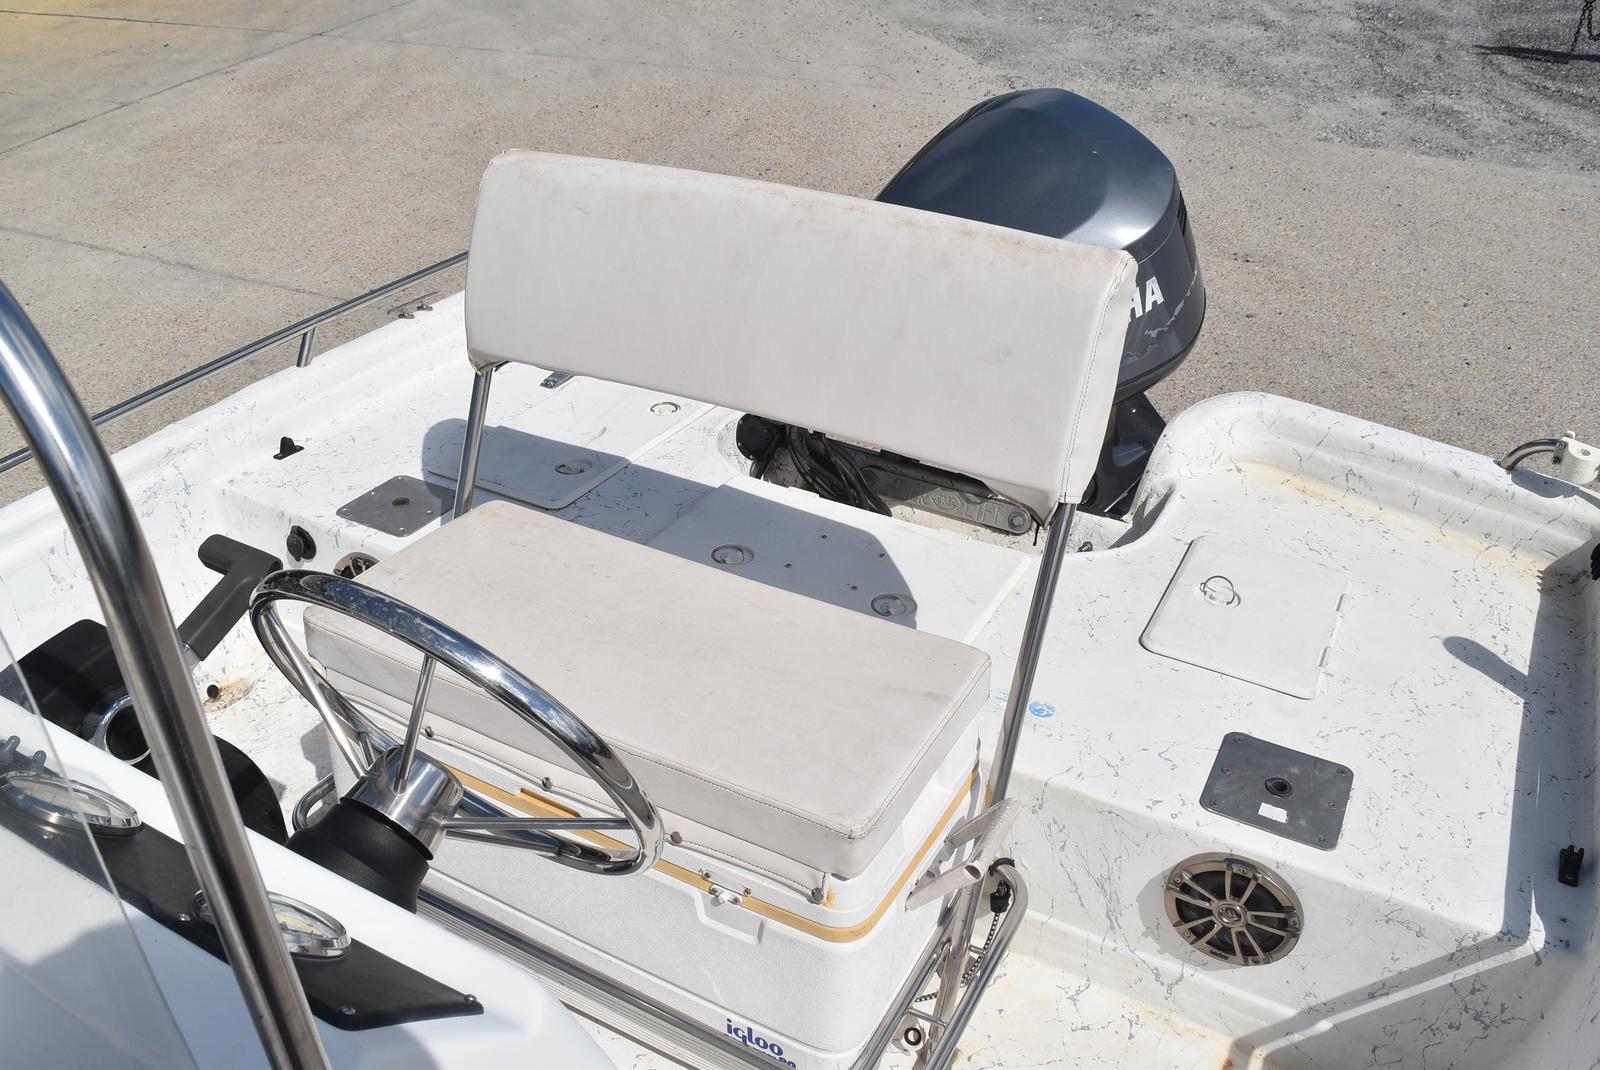 New  2000 Bay Stealth Boats Bay Boat in Marrero, Louisiana